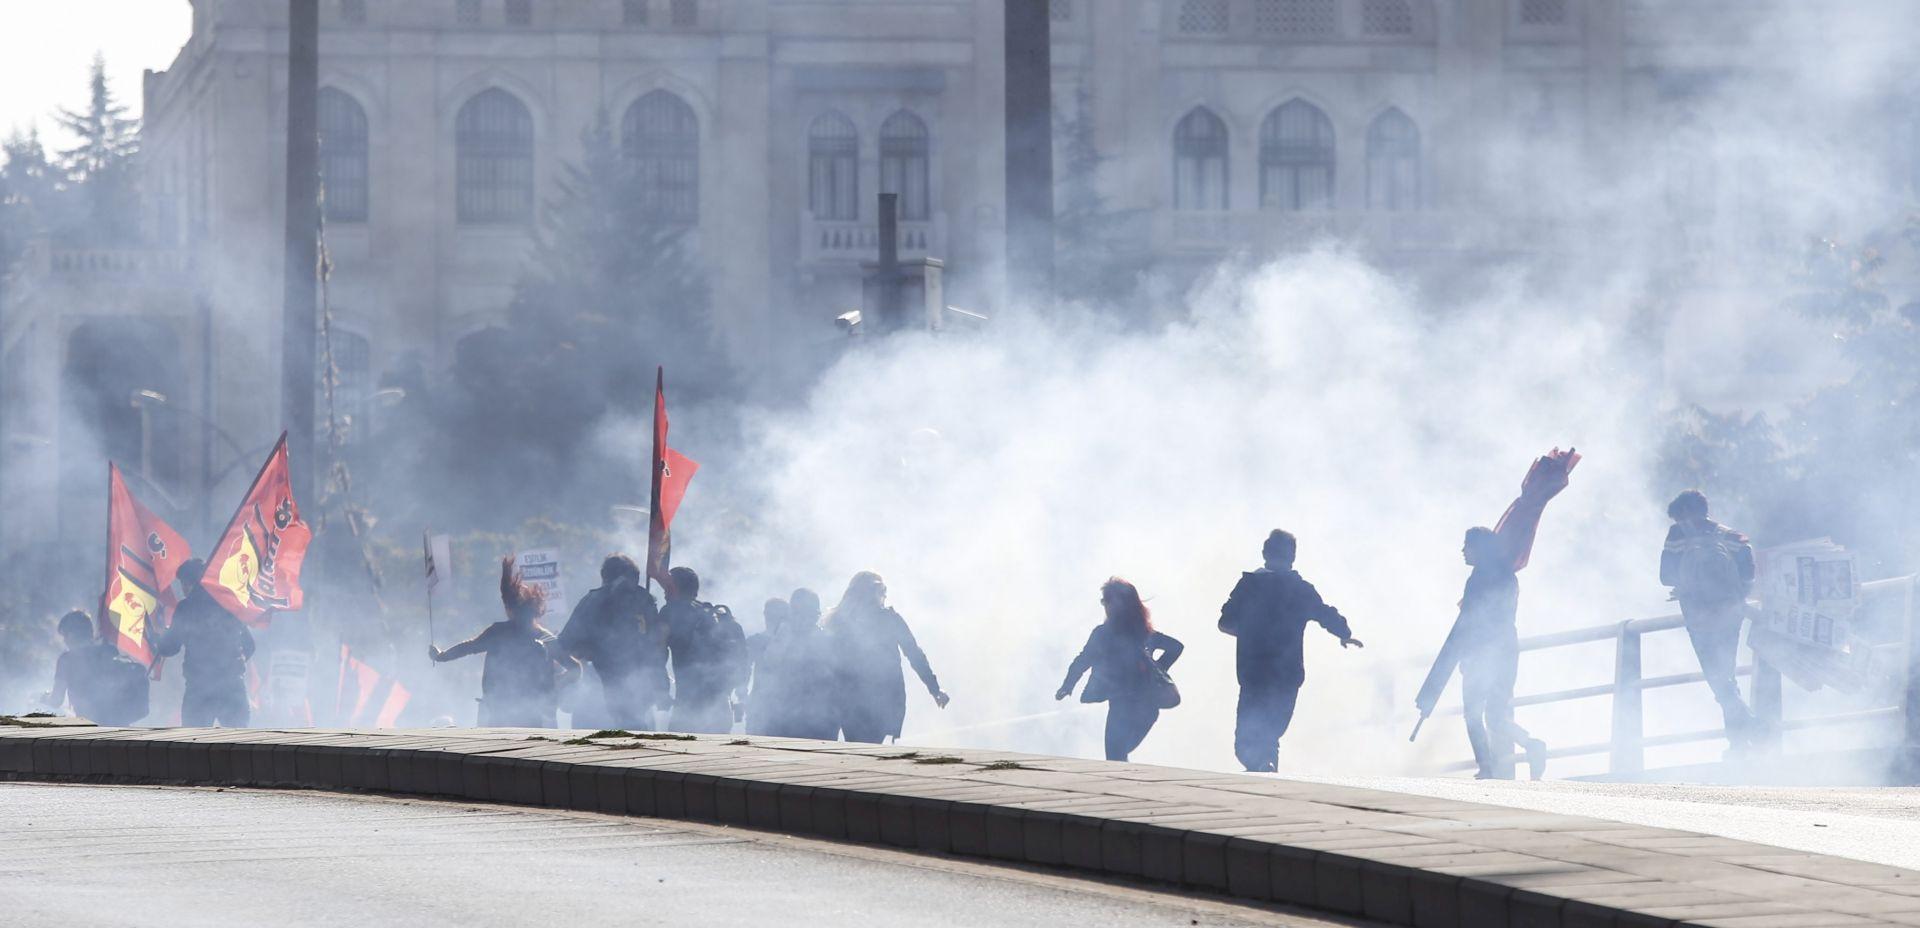 Zbog opasnosti od atentata u Ankari zabranjena javna okupljanja